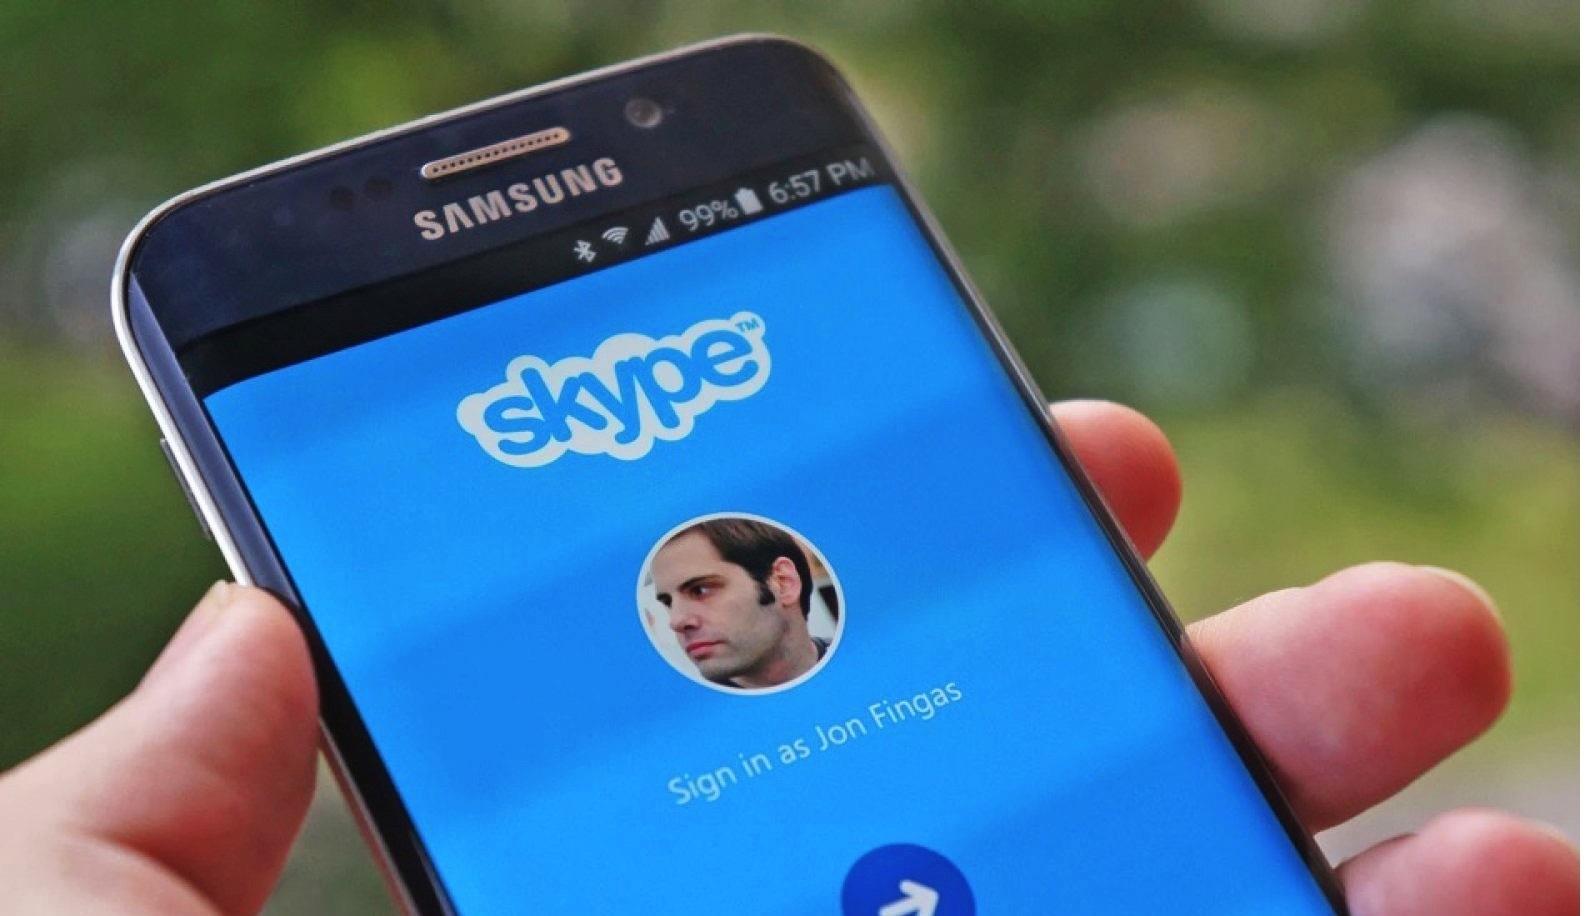 طريقة تغيير صورة سكايب على الكمبيوتر أو الهاتف والتحكم في خصوصية الصورة 3